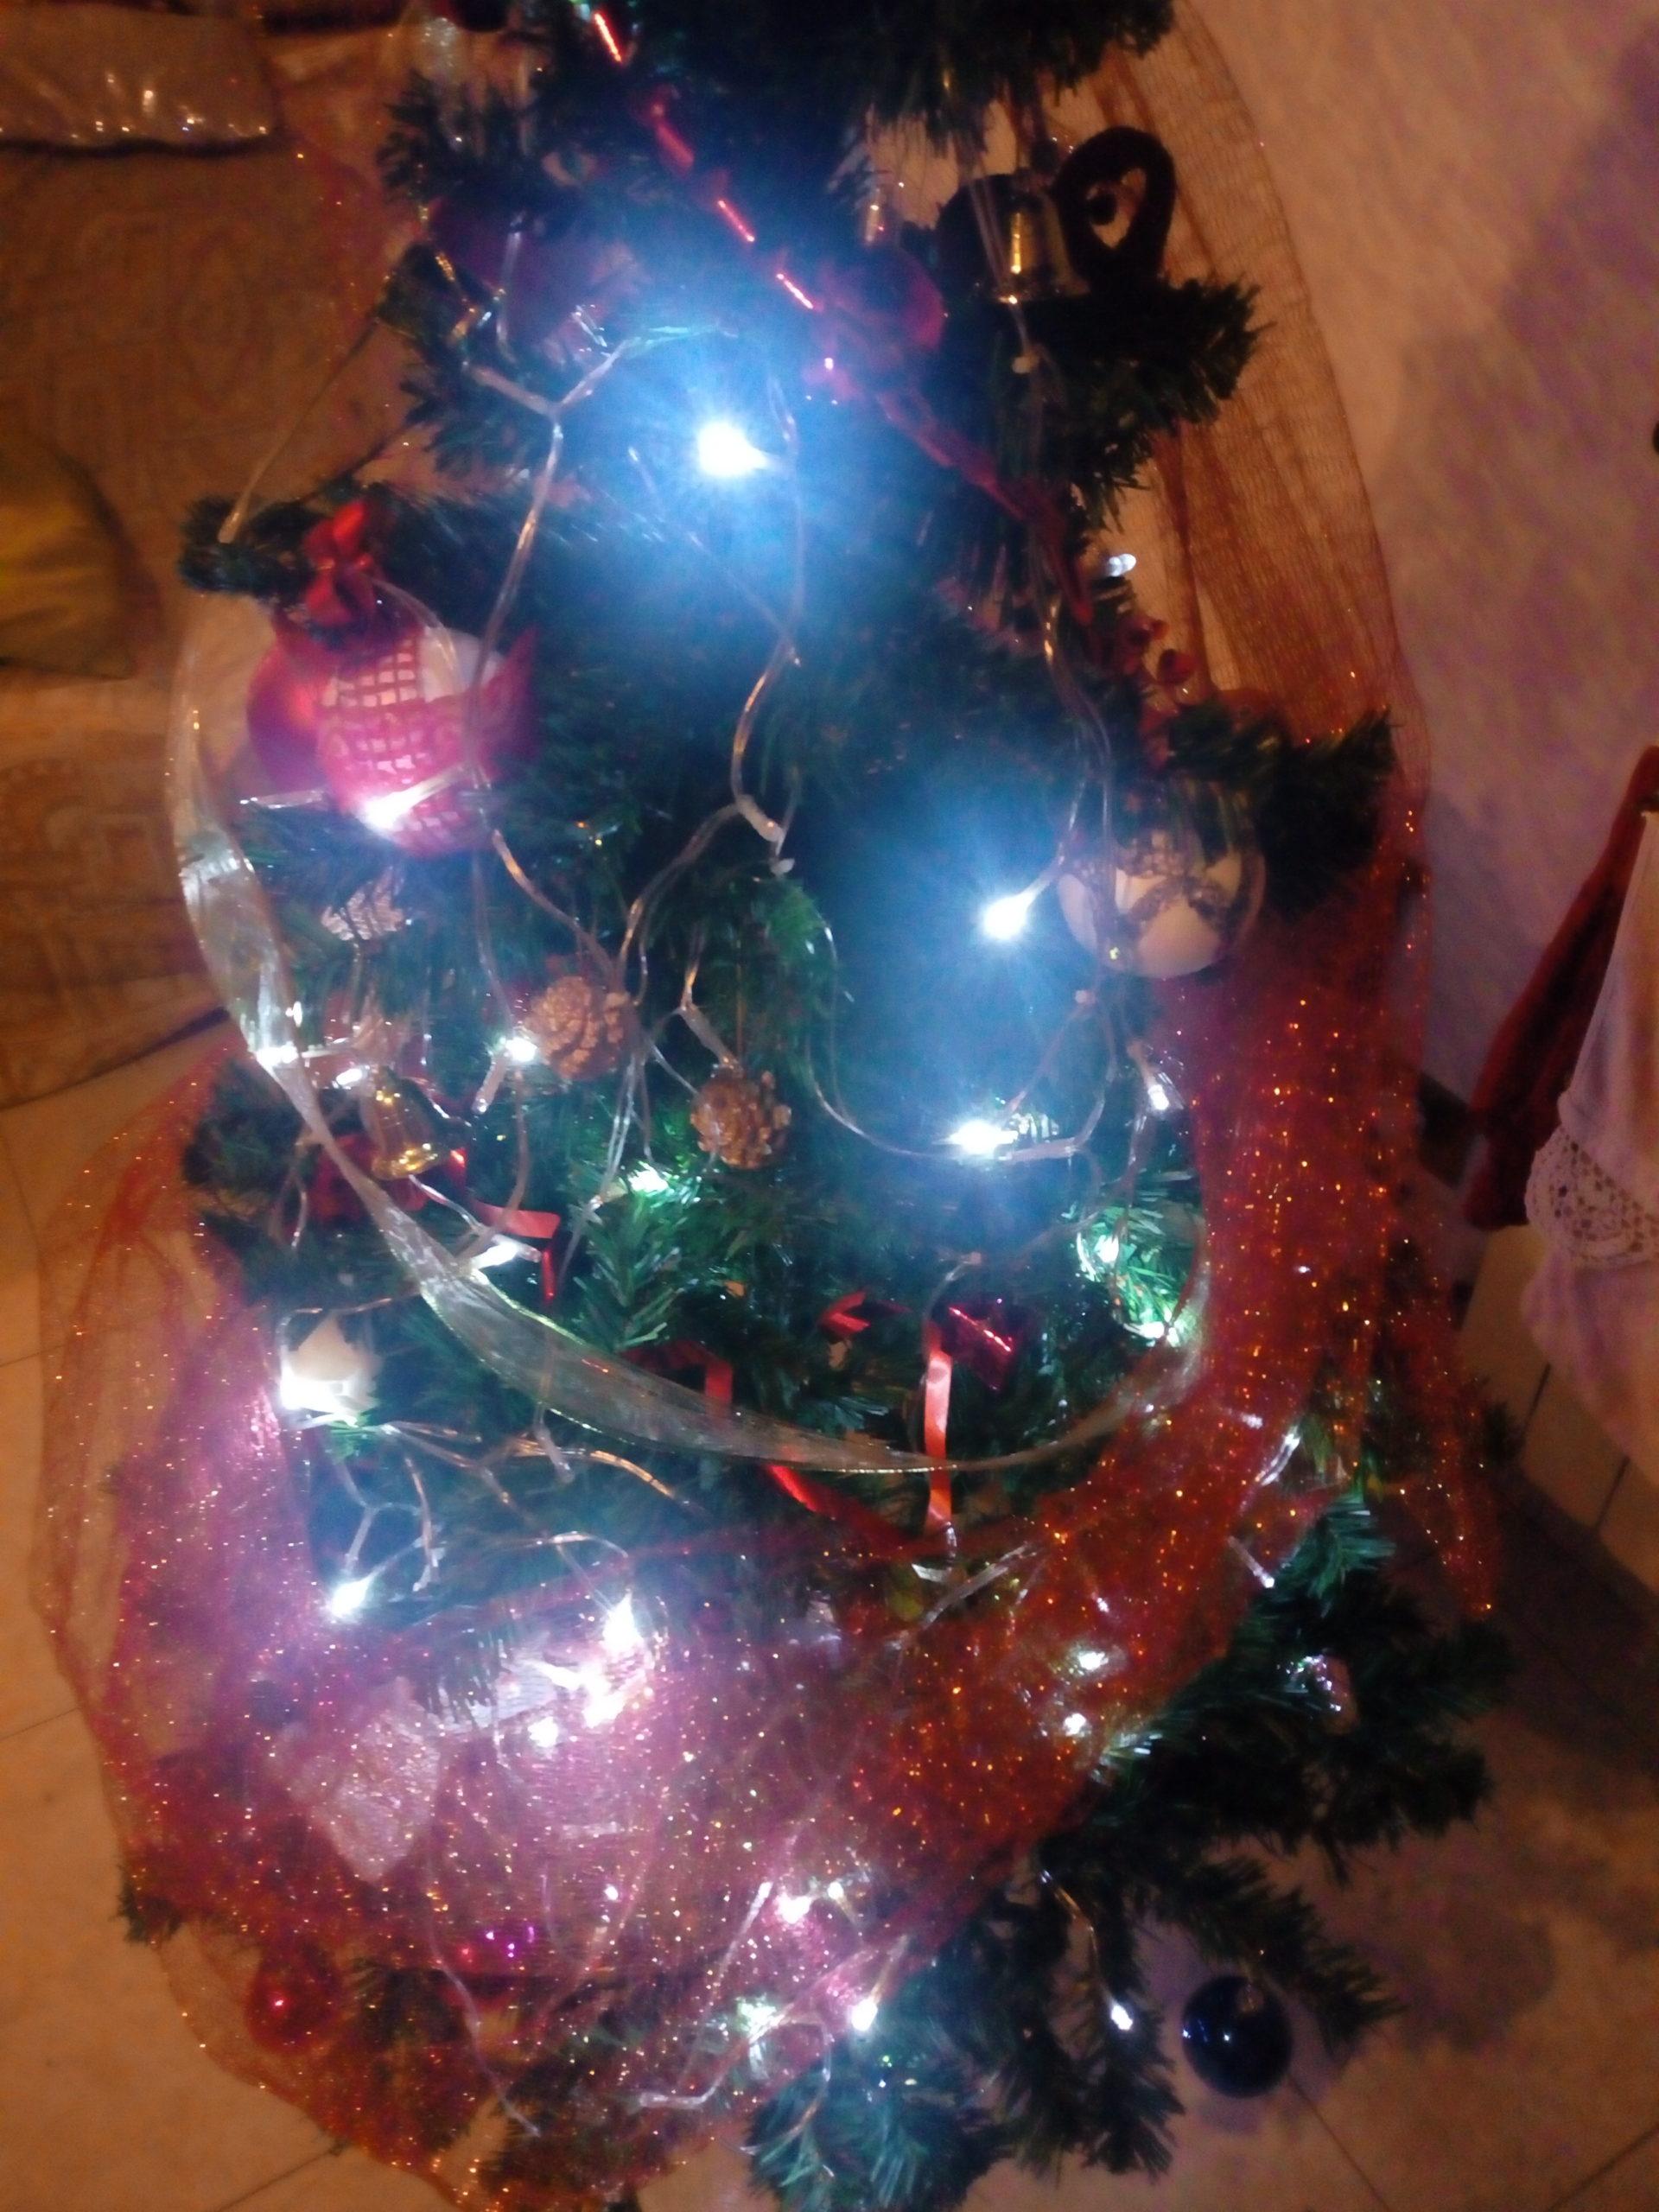 Natale è il calore che le luci sprigionano.